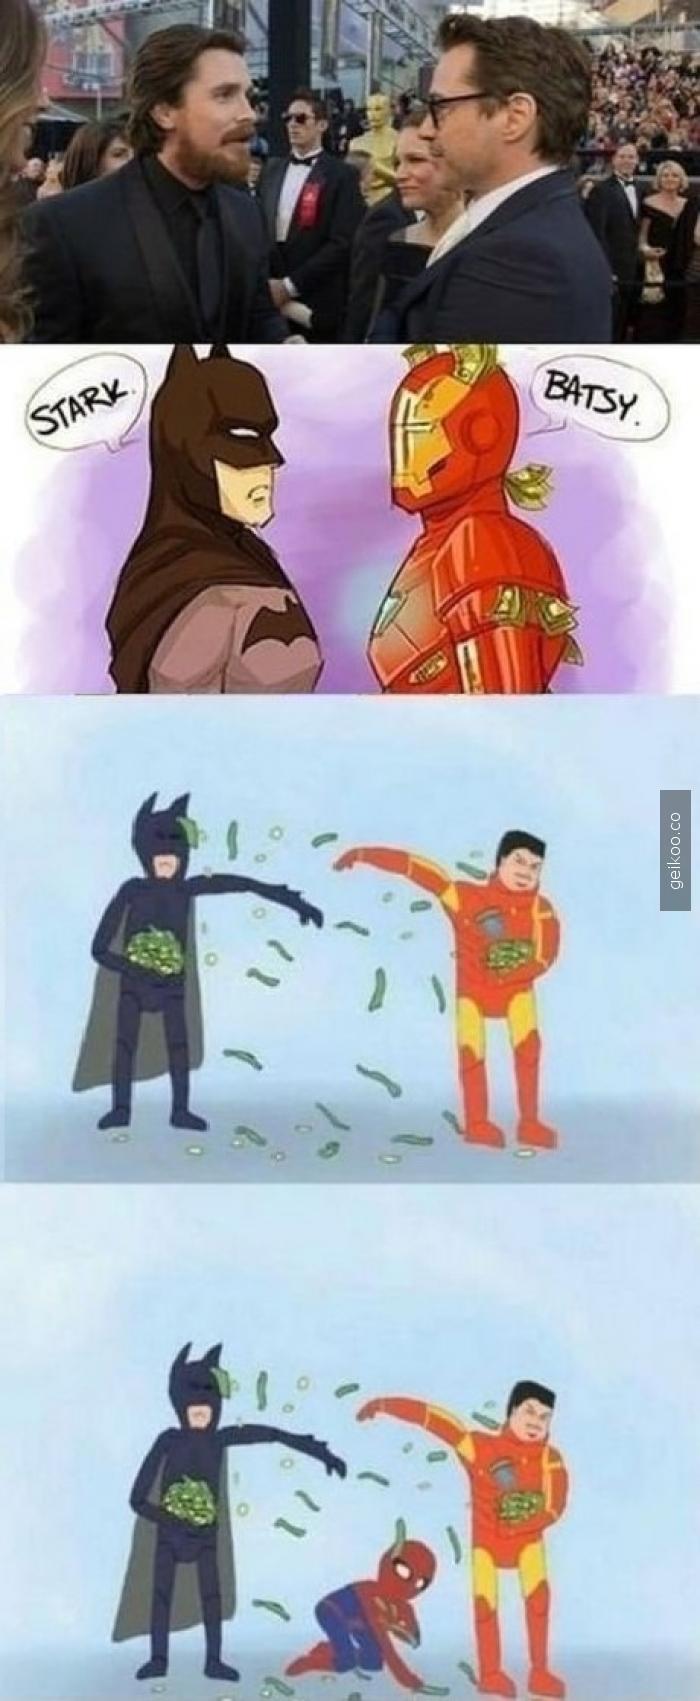 Stark... Batsy...